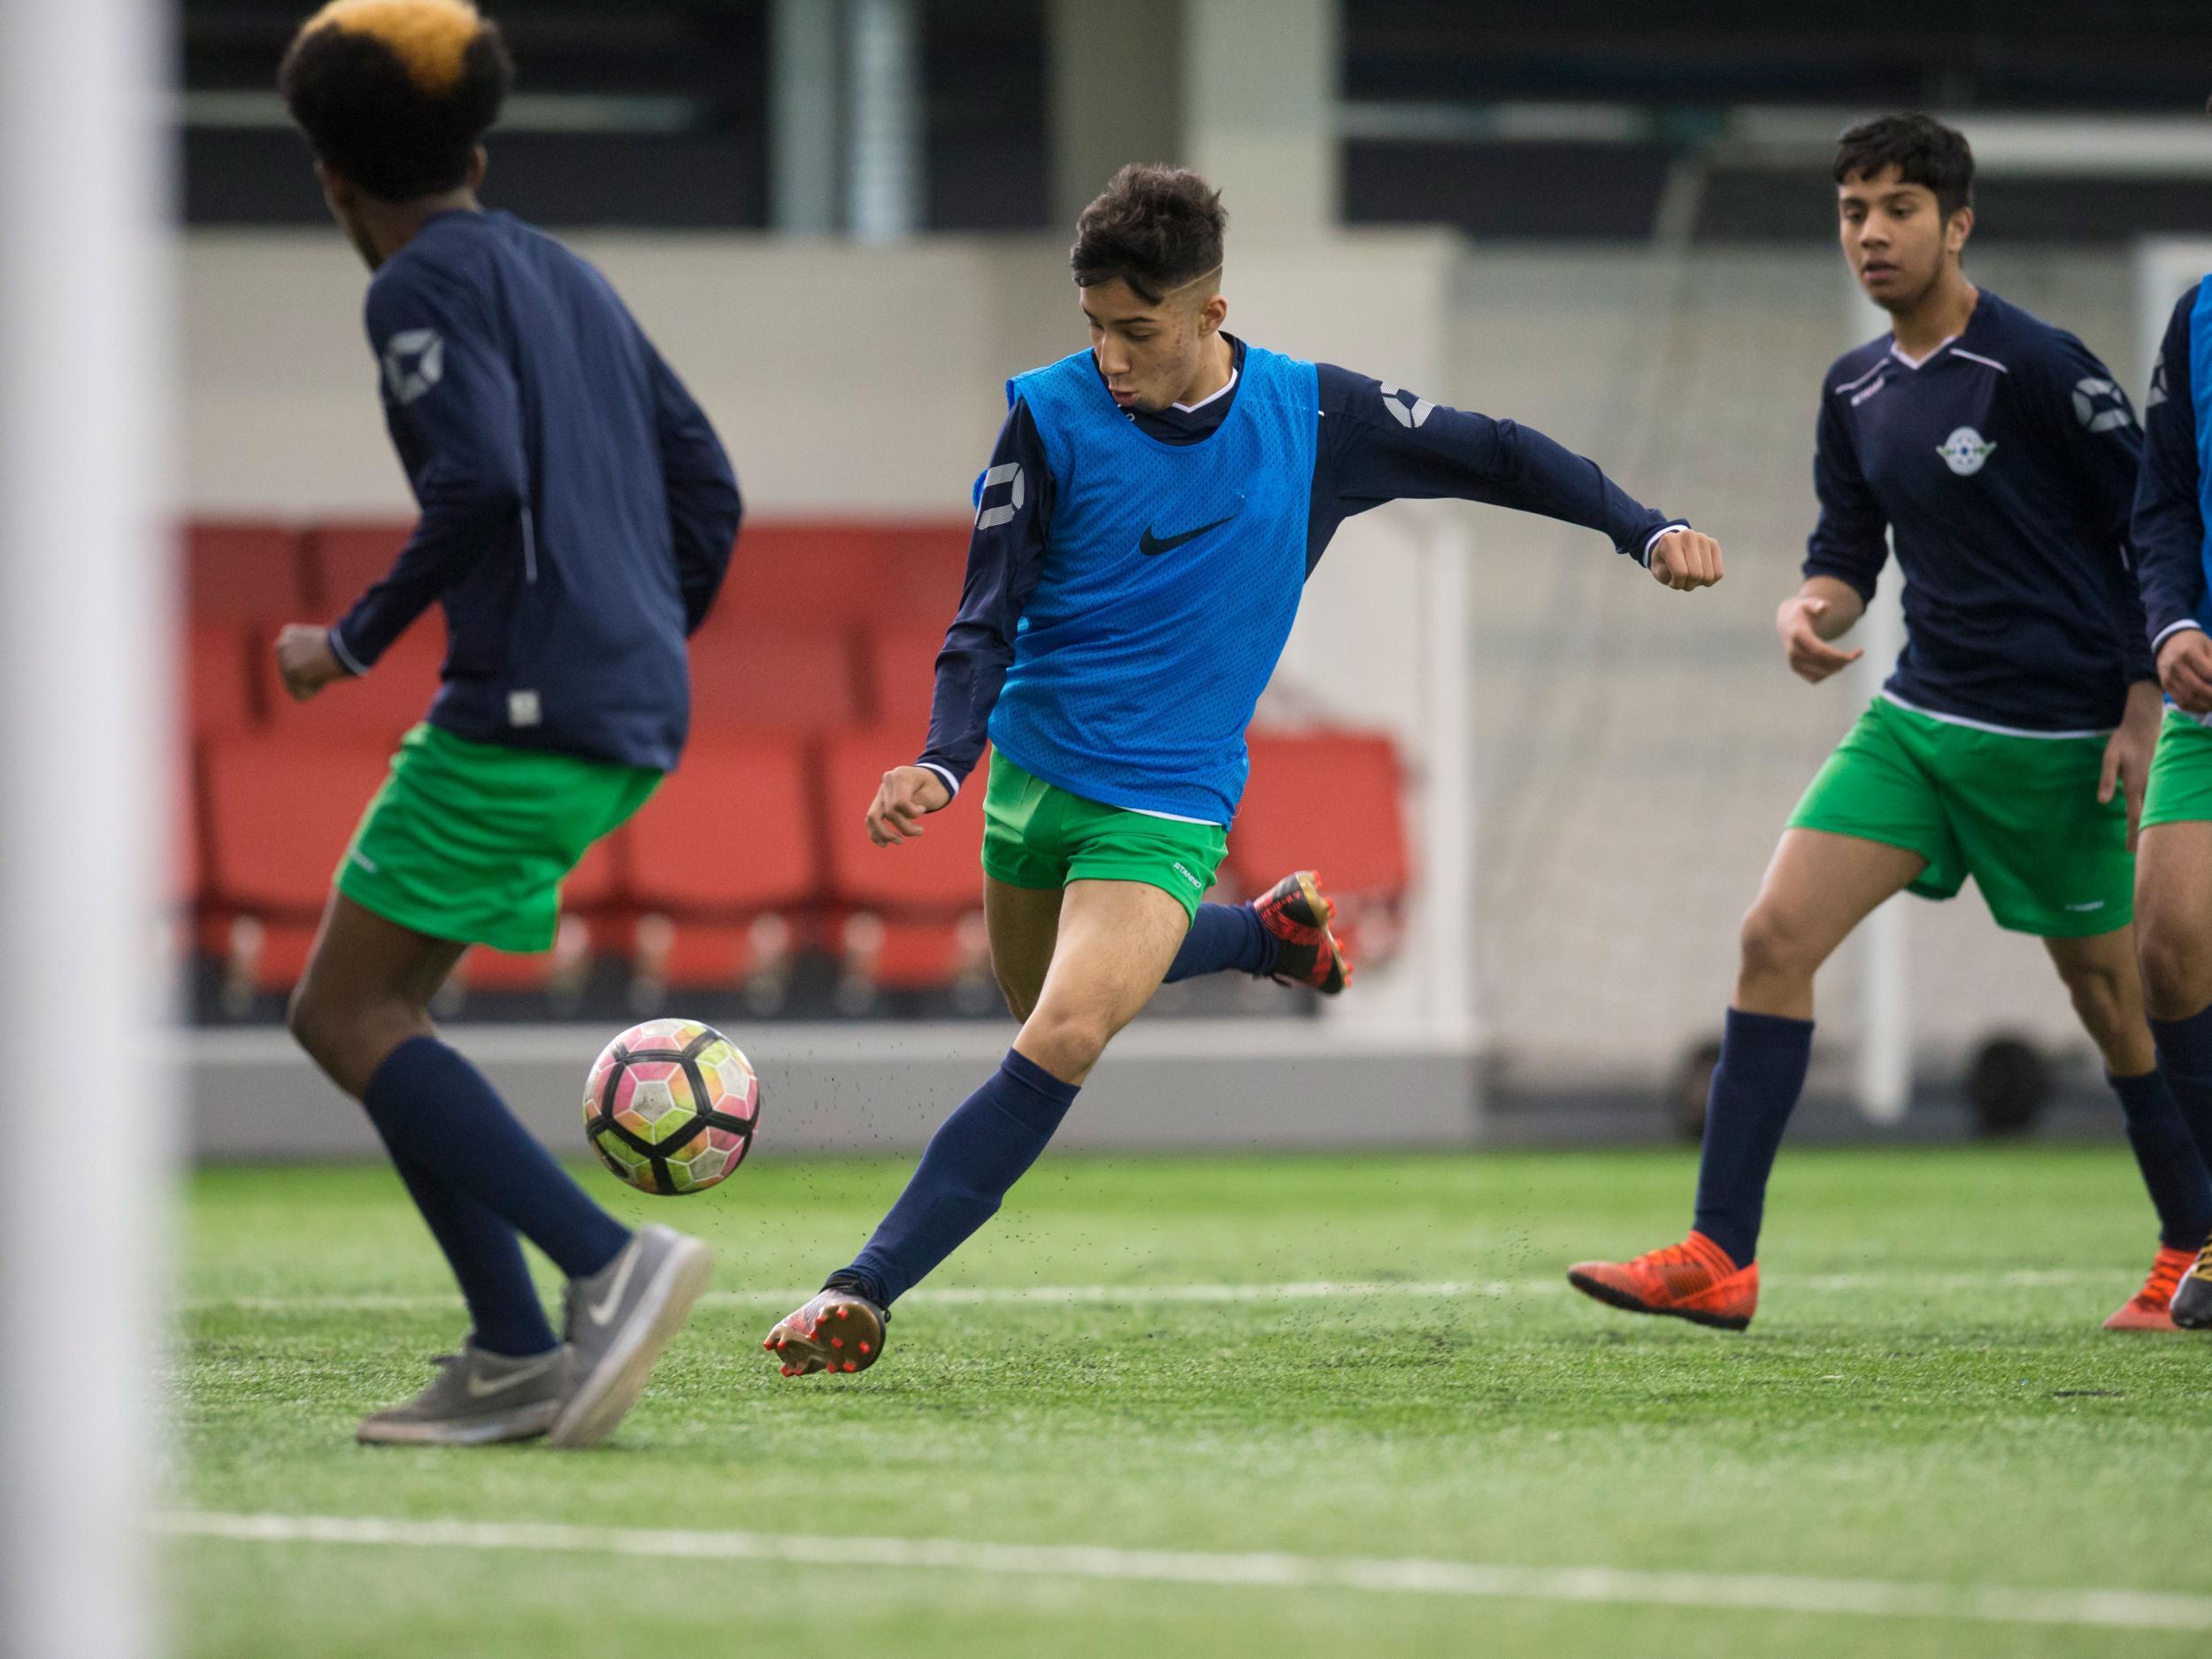 British asian footballers